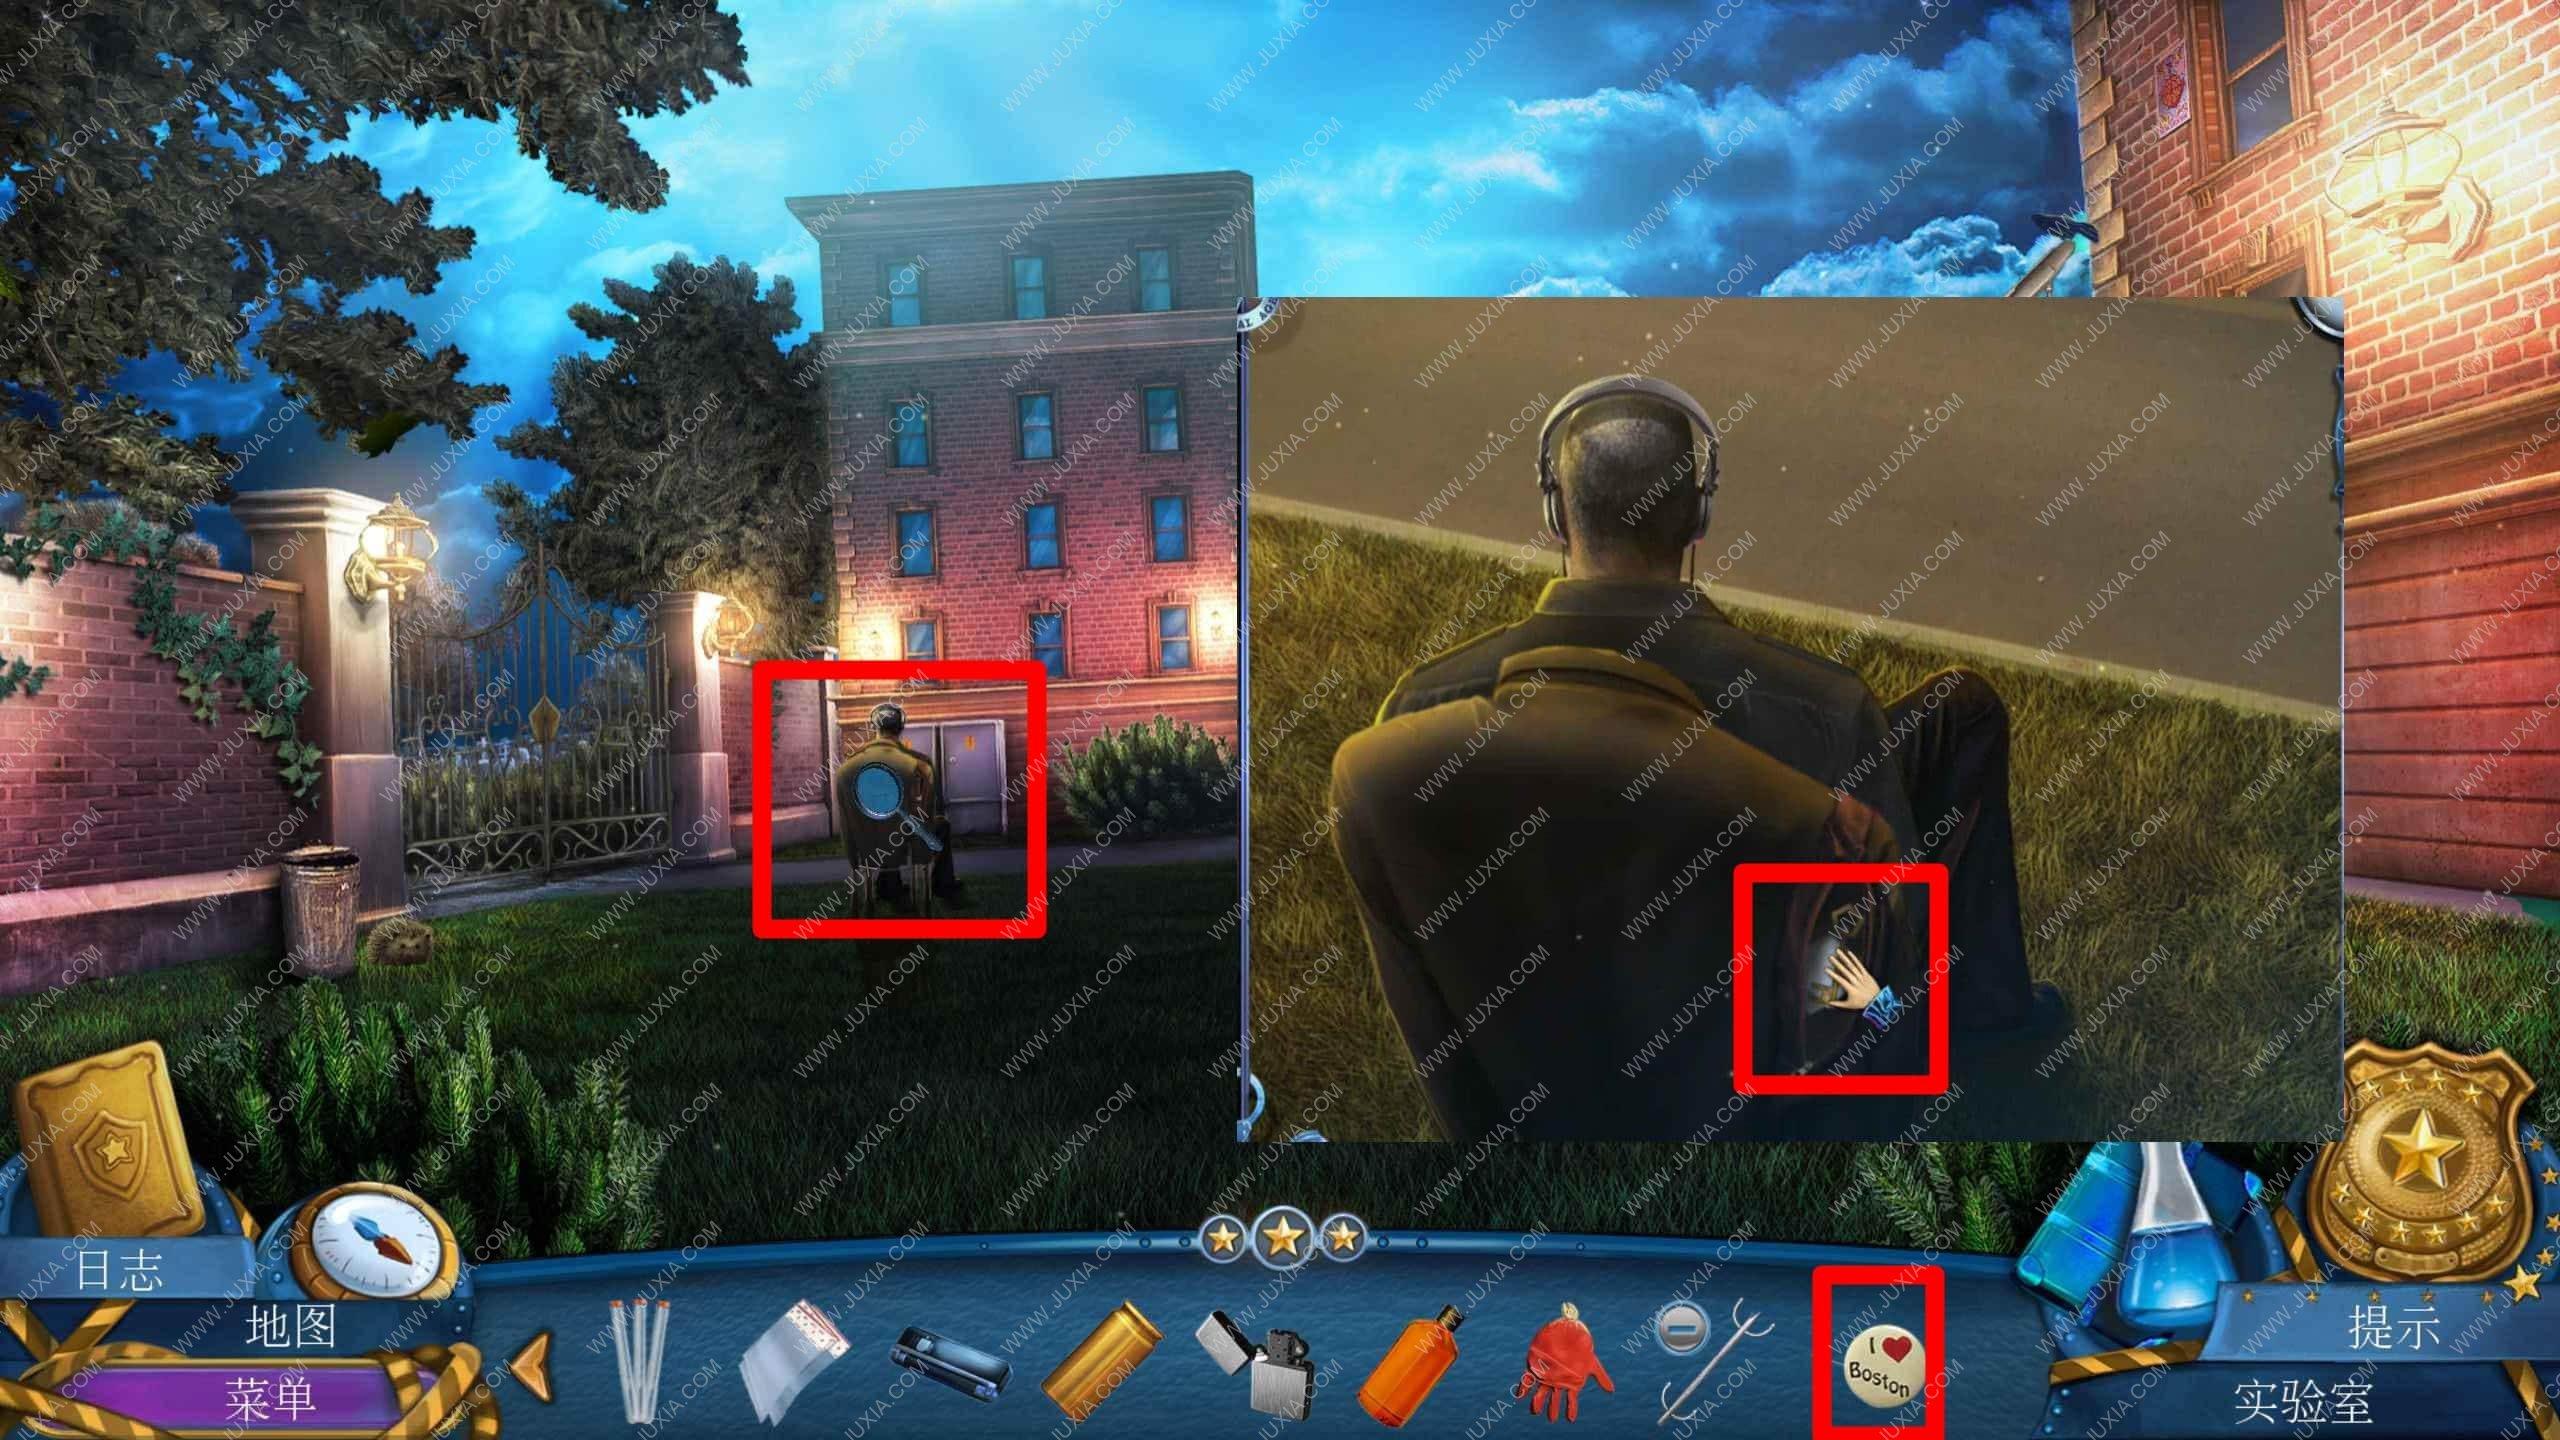 密室逃脱滚动迷城攻略第五章 幽灵档案罪恶的面孔攻略医院